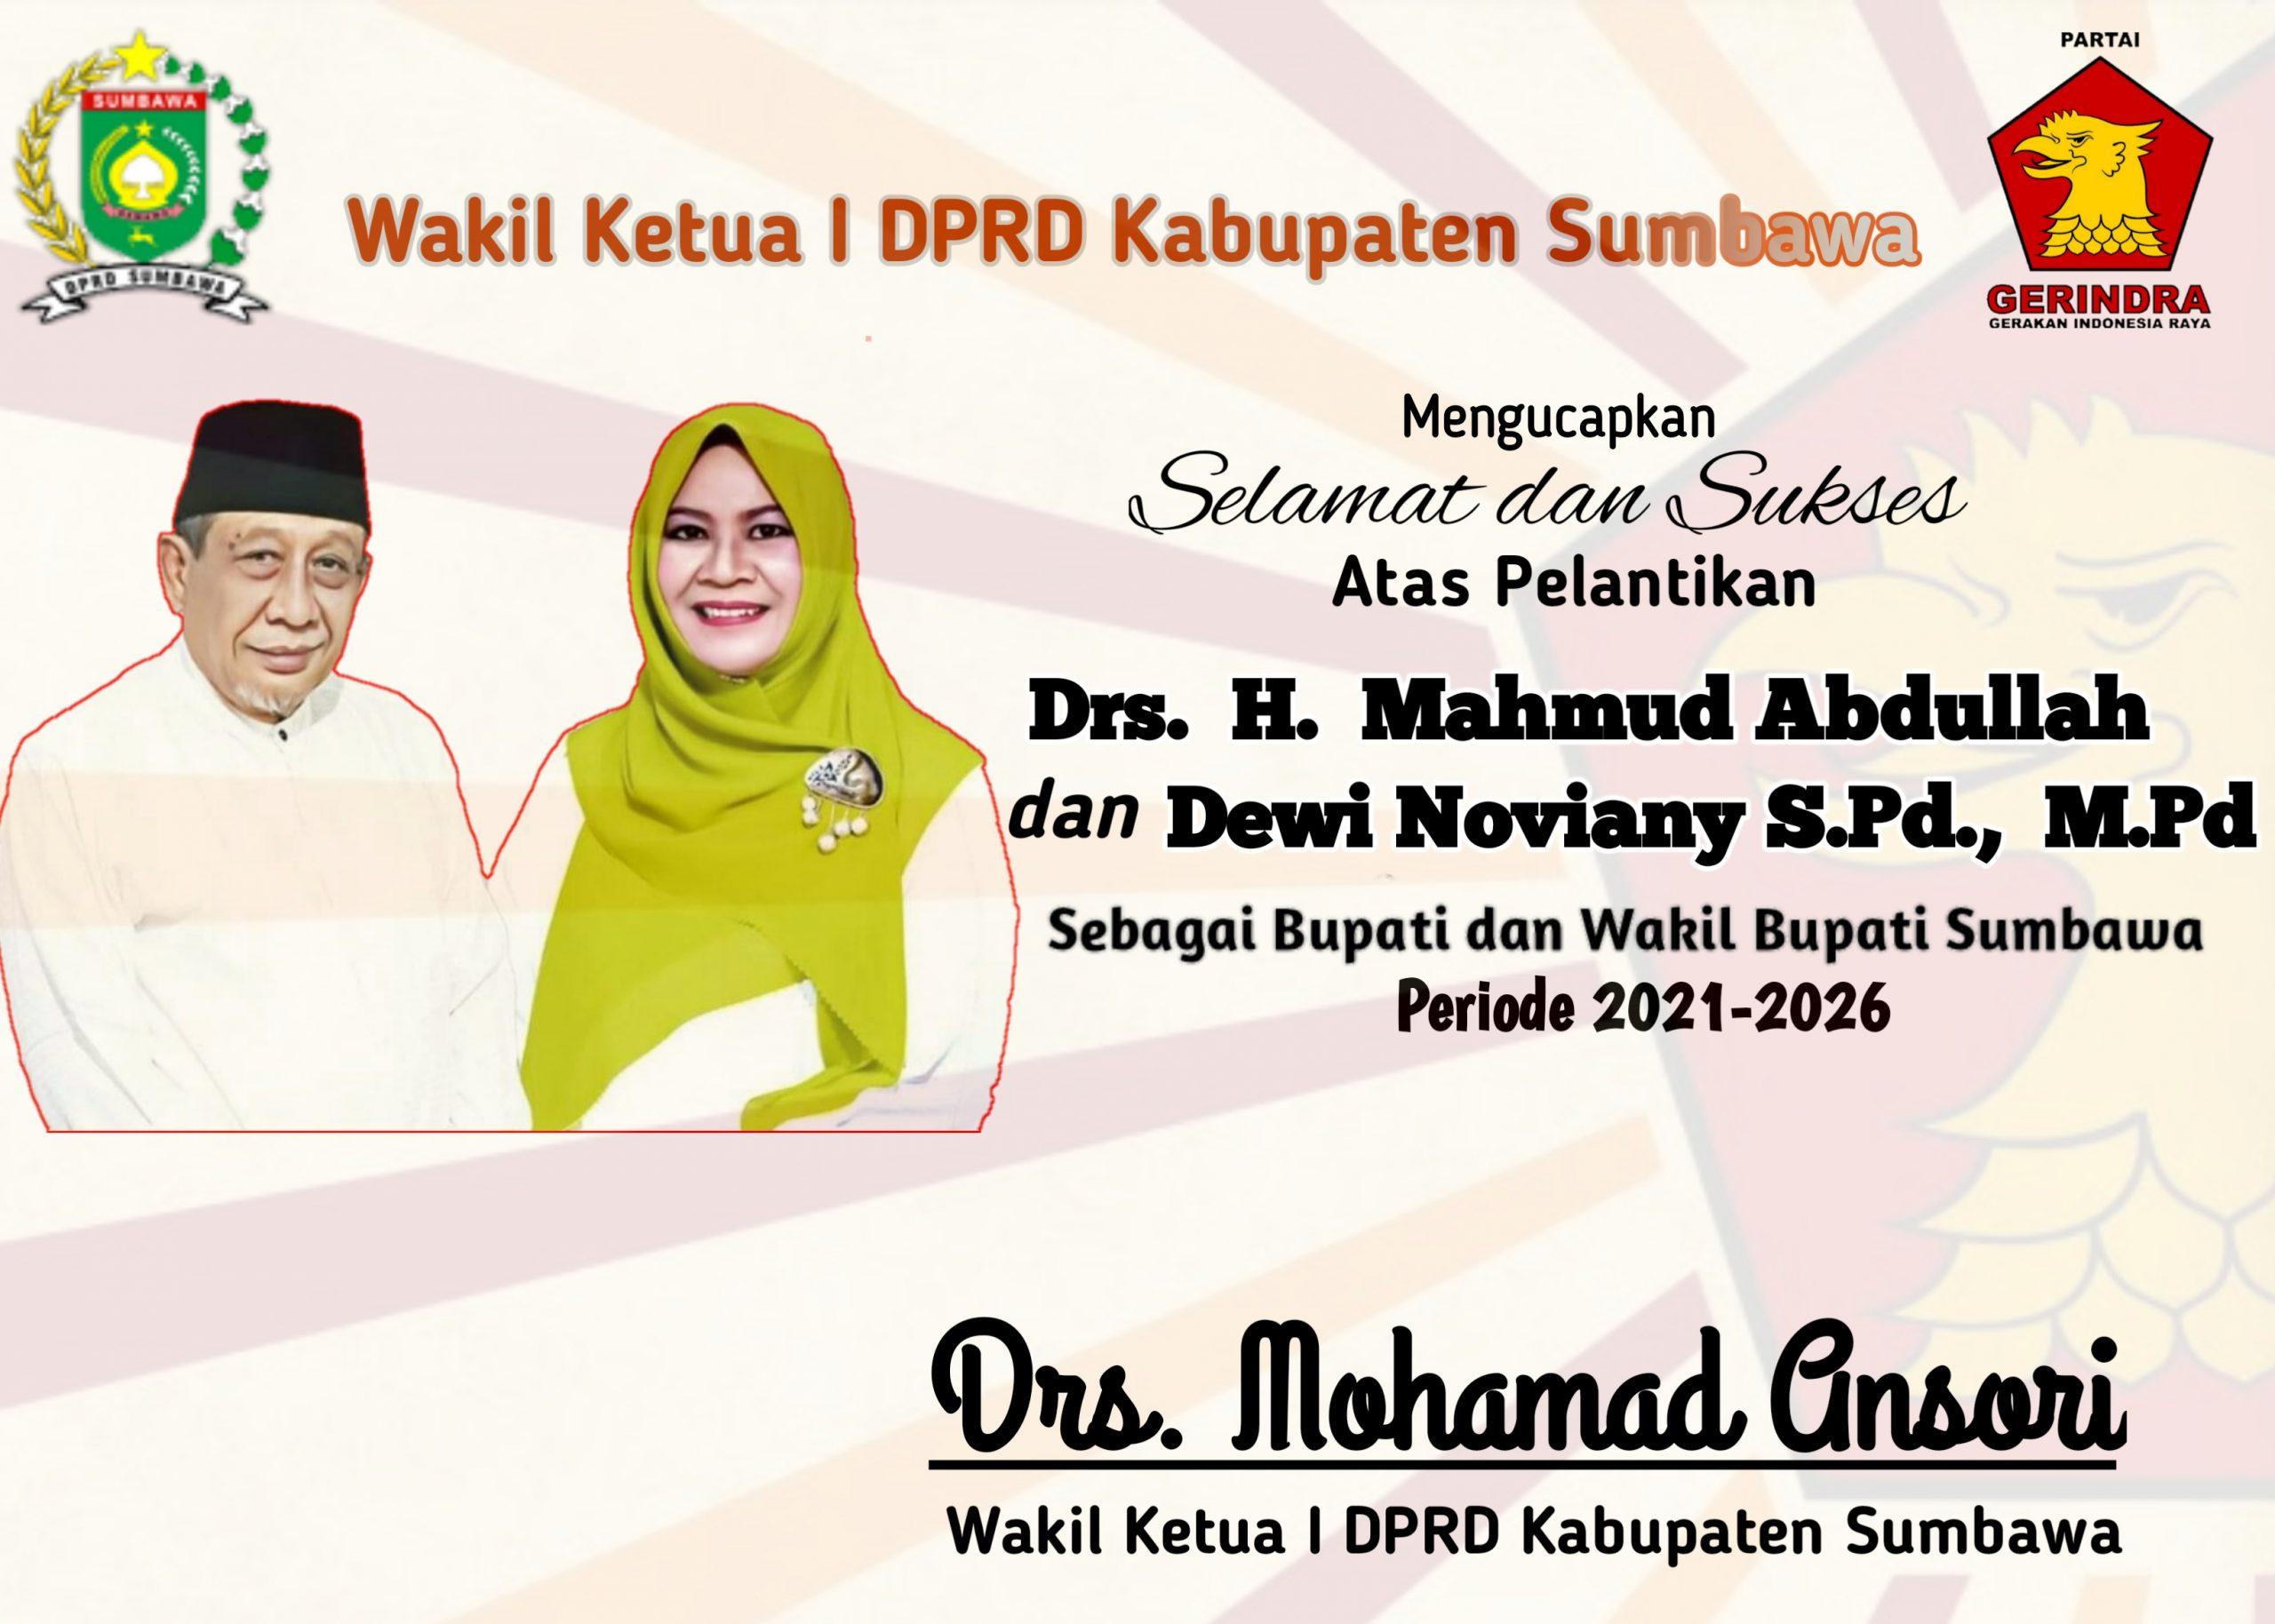 Ucapan Selamat Pelantikan dari Waka I DPRD Sumbawa, Drs. Mohamad Ansori